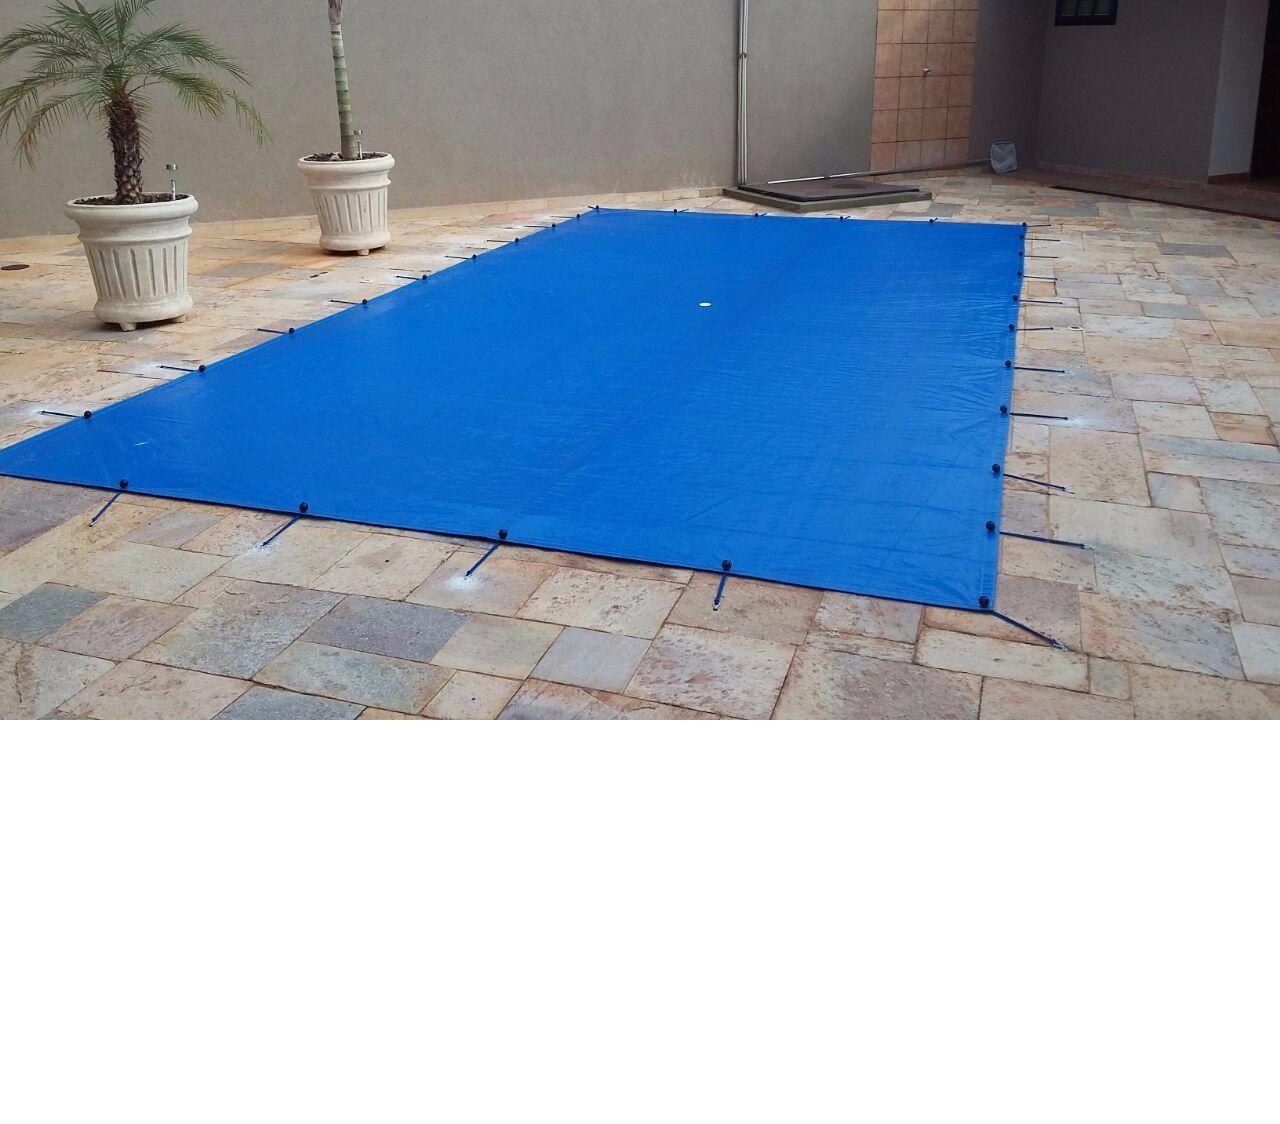 Capa para Piscina SL 500 Azul Completa com Acessórios Pinos e Extensores 7,5x4 m